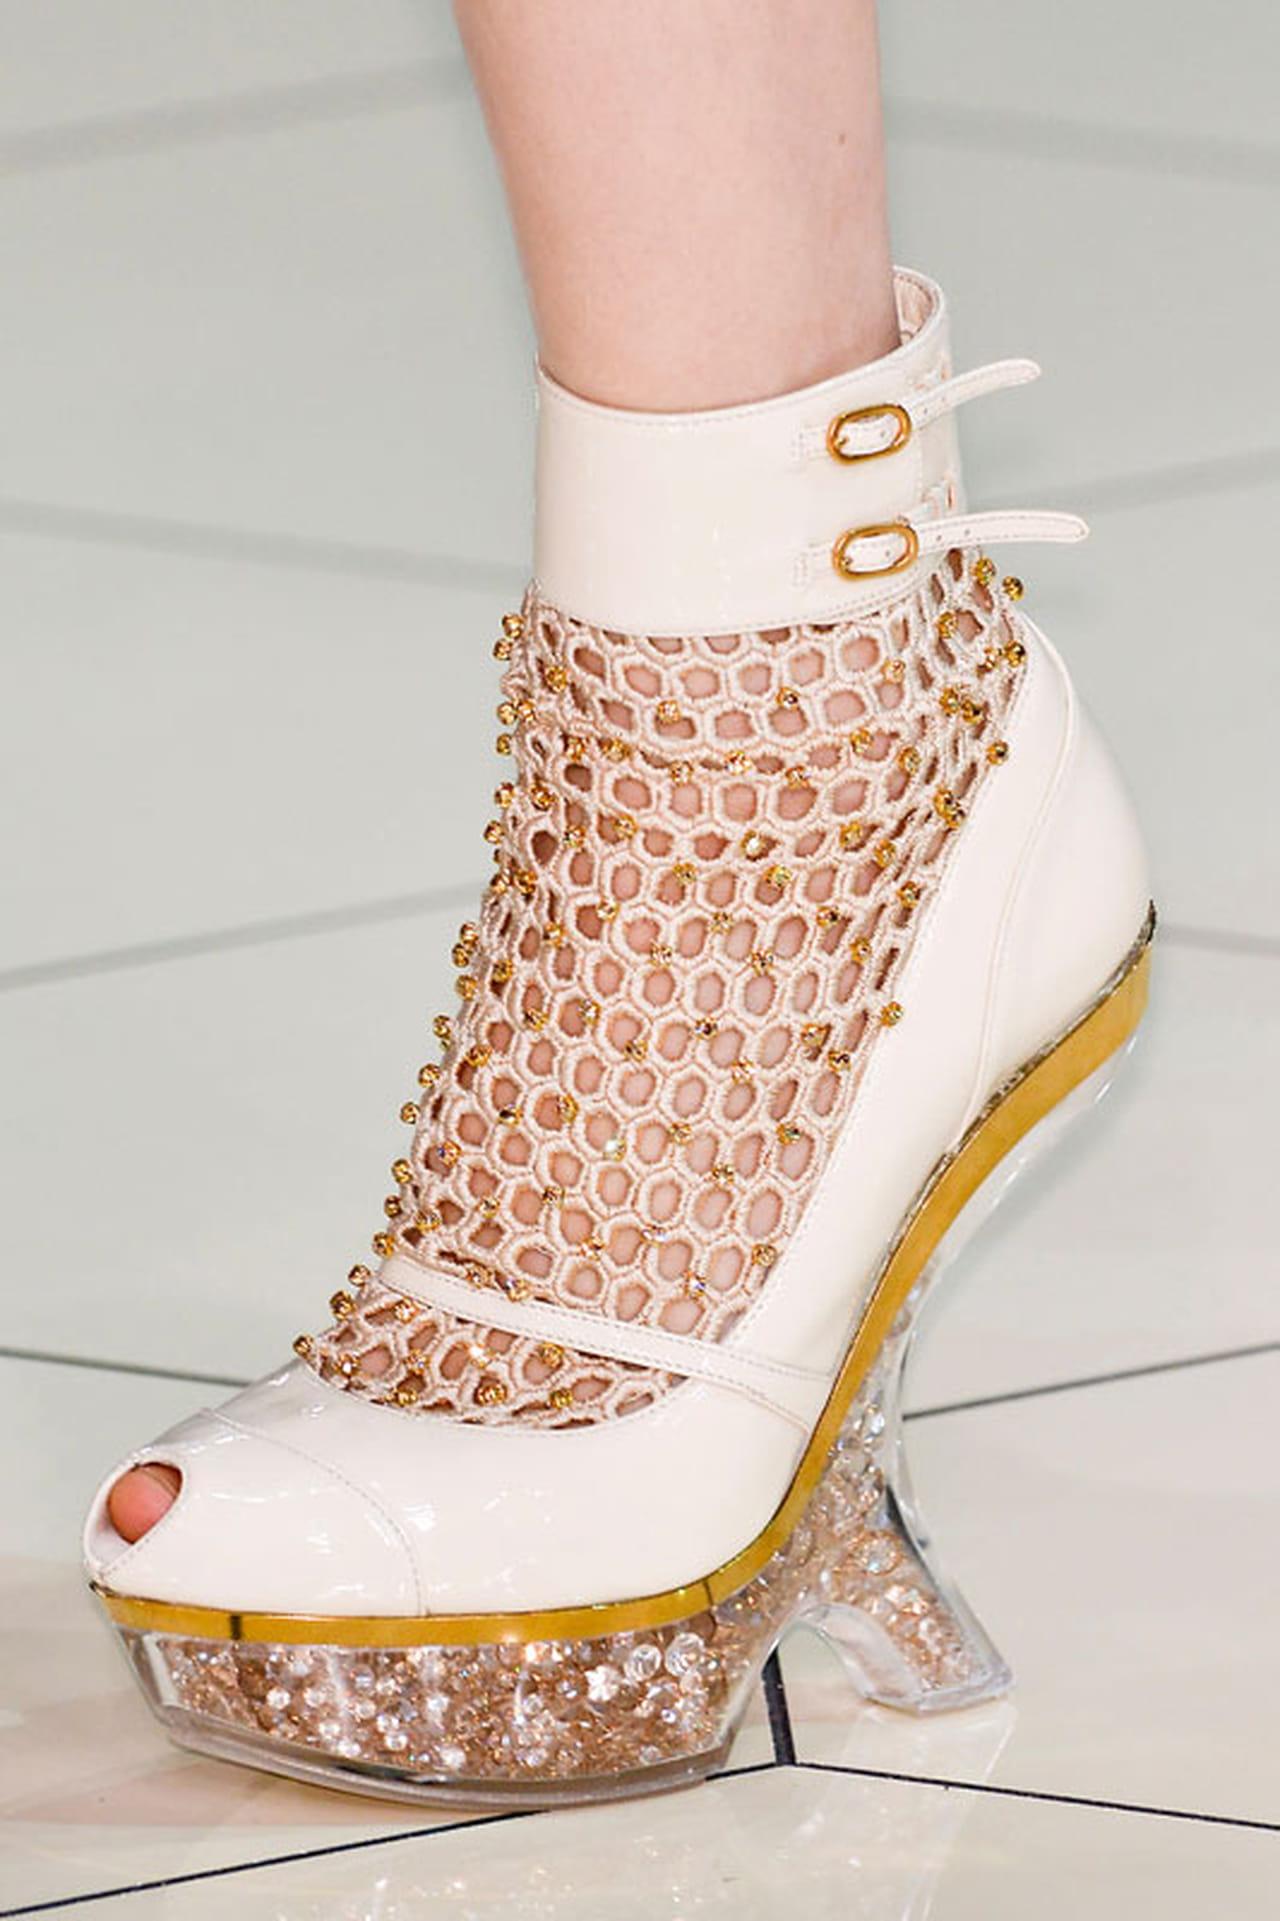 8cbfe3c662d04 حذاء مميّز من Alexander McQueen لعام 2013. من تصميم Alexander McQueen خلال أسبوع  الموضة في باريس ...